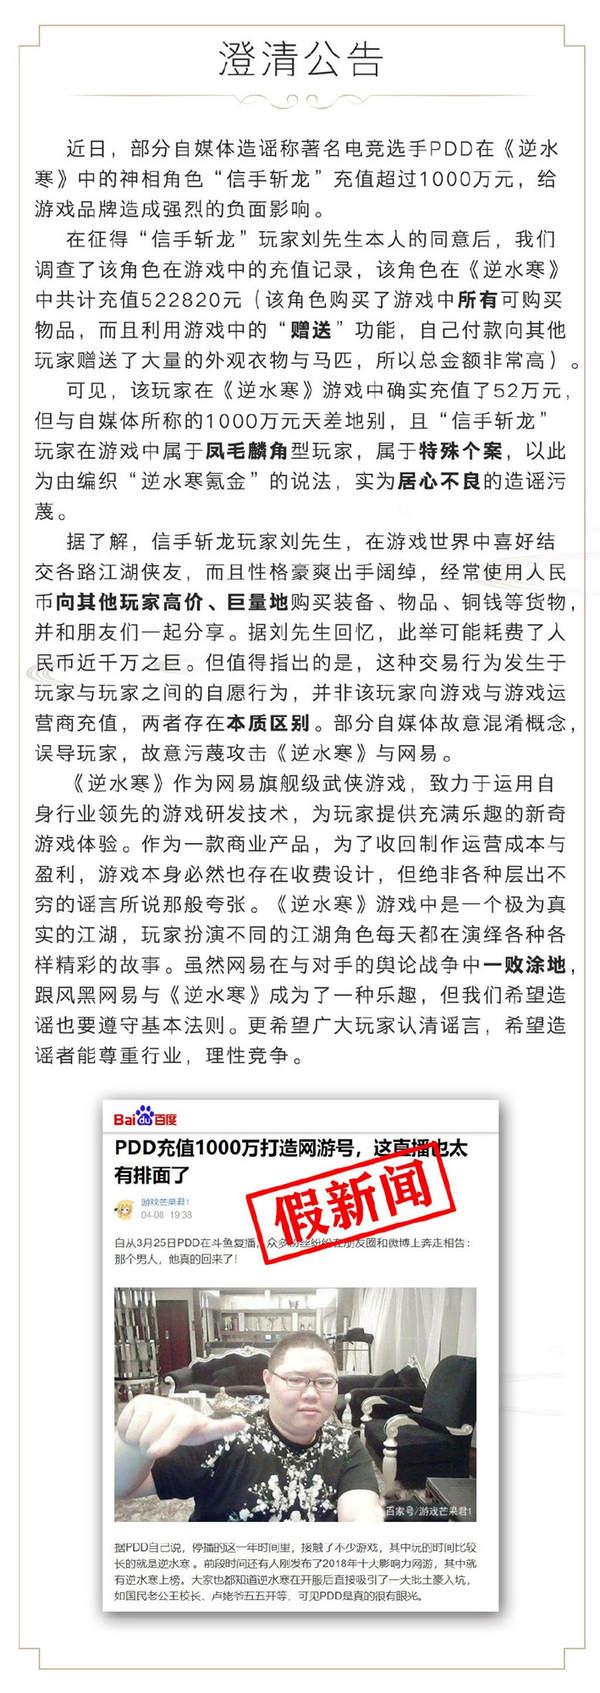 《逆水寒》辟谣PDD充值一千万:刘先生实际充值